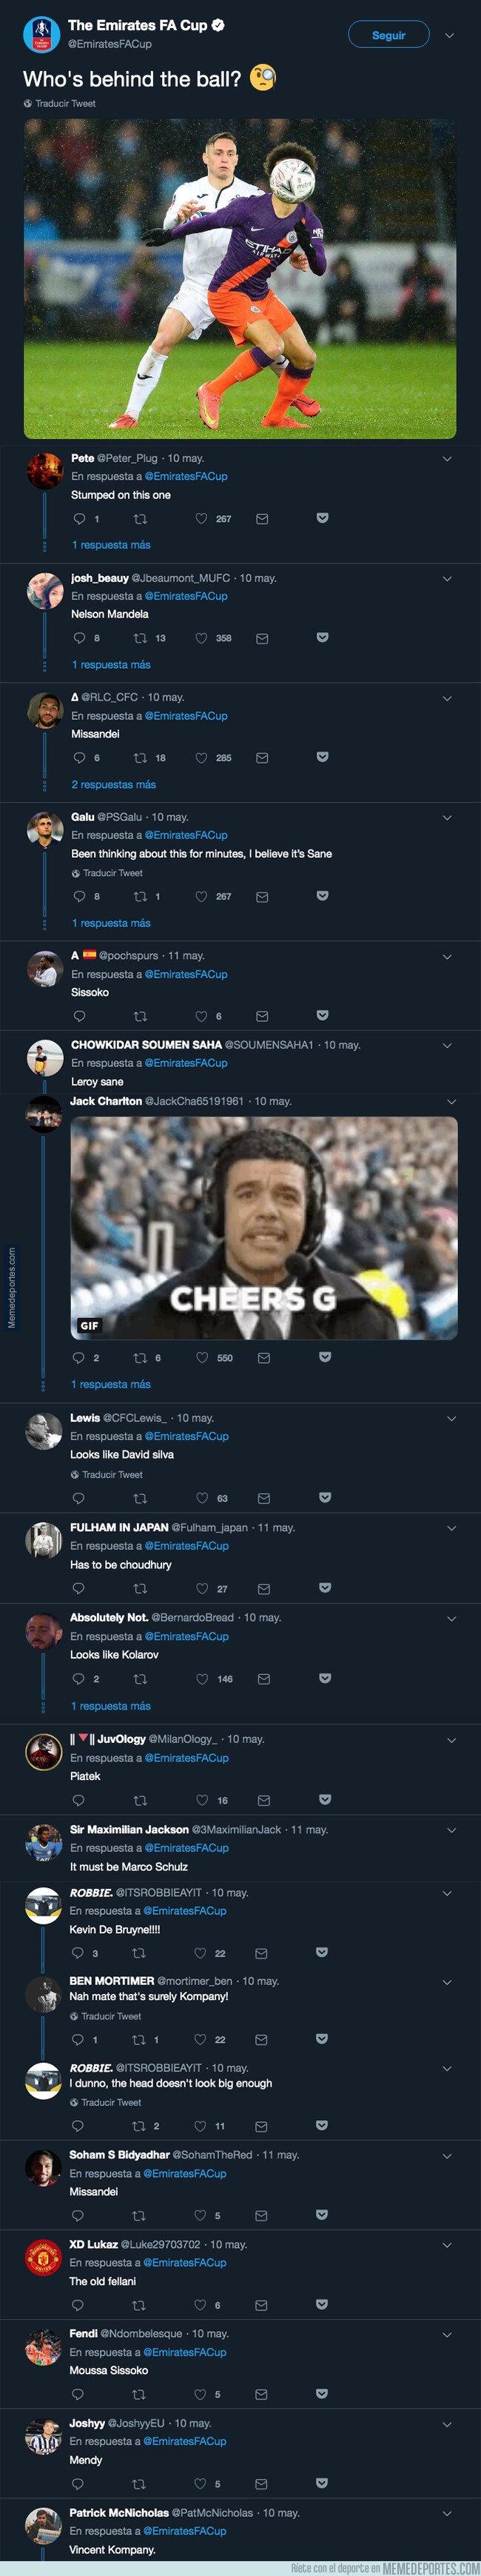 1074890 - La 'FA' pregunta quién se encuentra detrás del balón y todos los aficionados responden con ironía